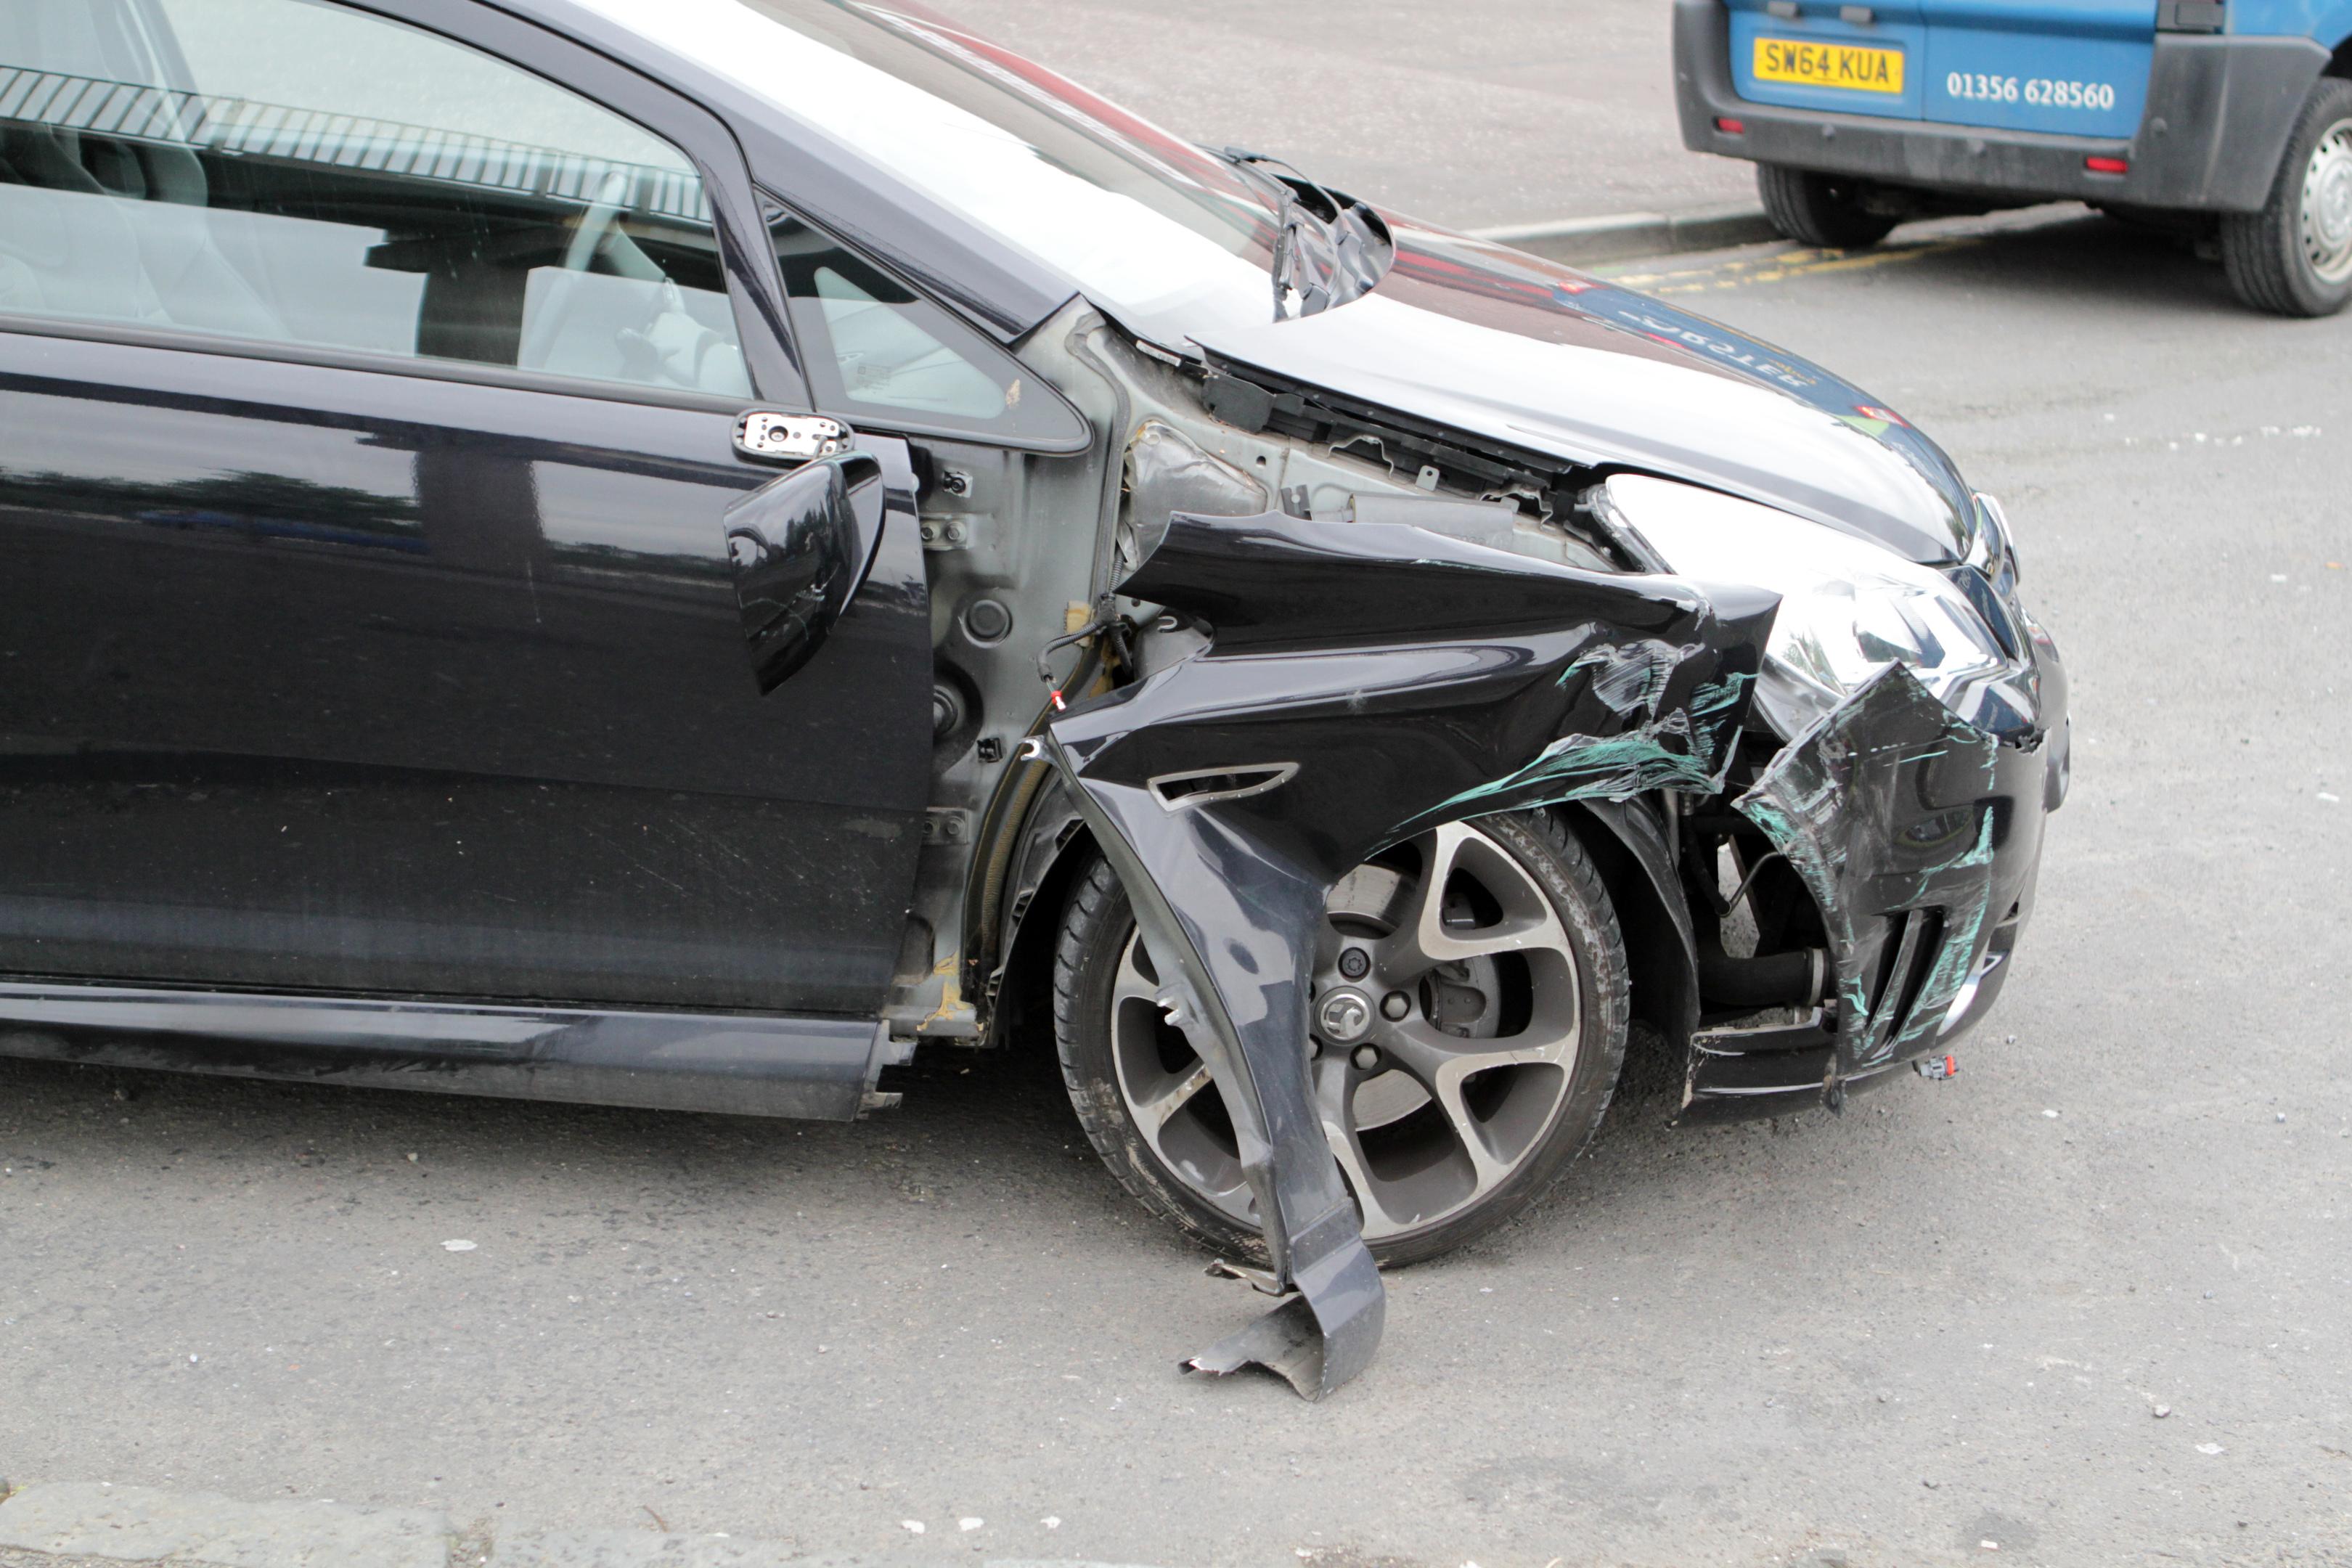 The damaged Corsa.